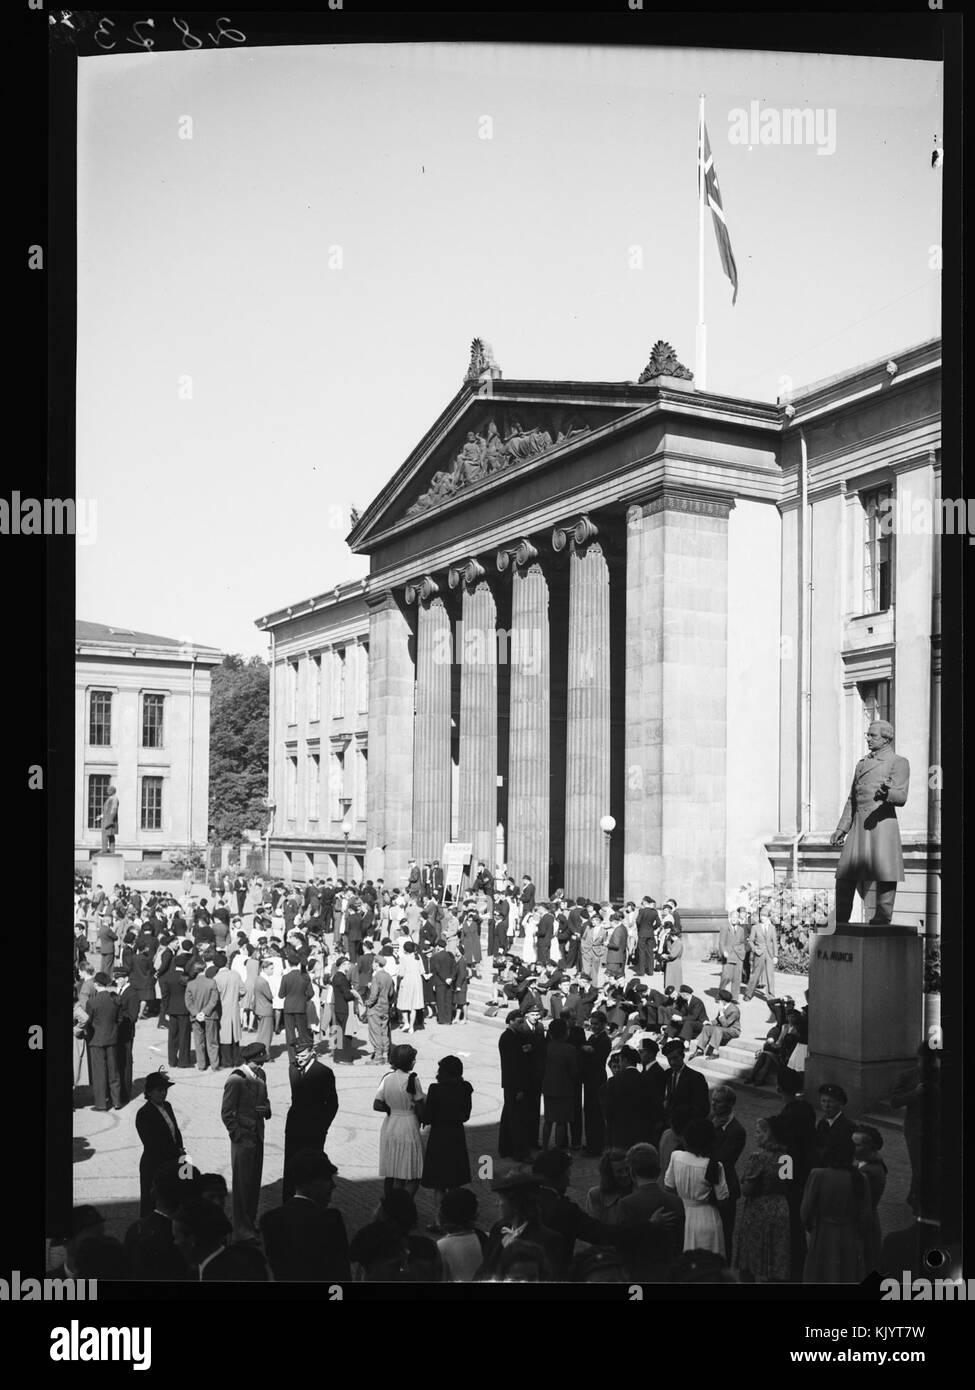 Universitetsplassen med statue av P.A. Munch.   no nb digifoto 20150326 00034 NB MIT FNR 02873 - Stock Image